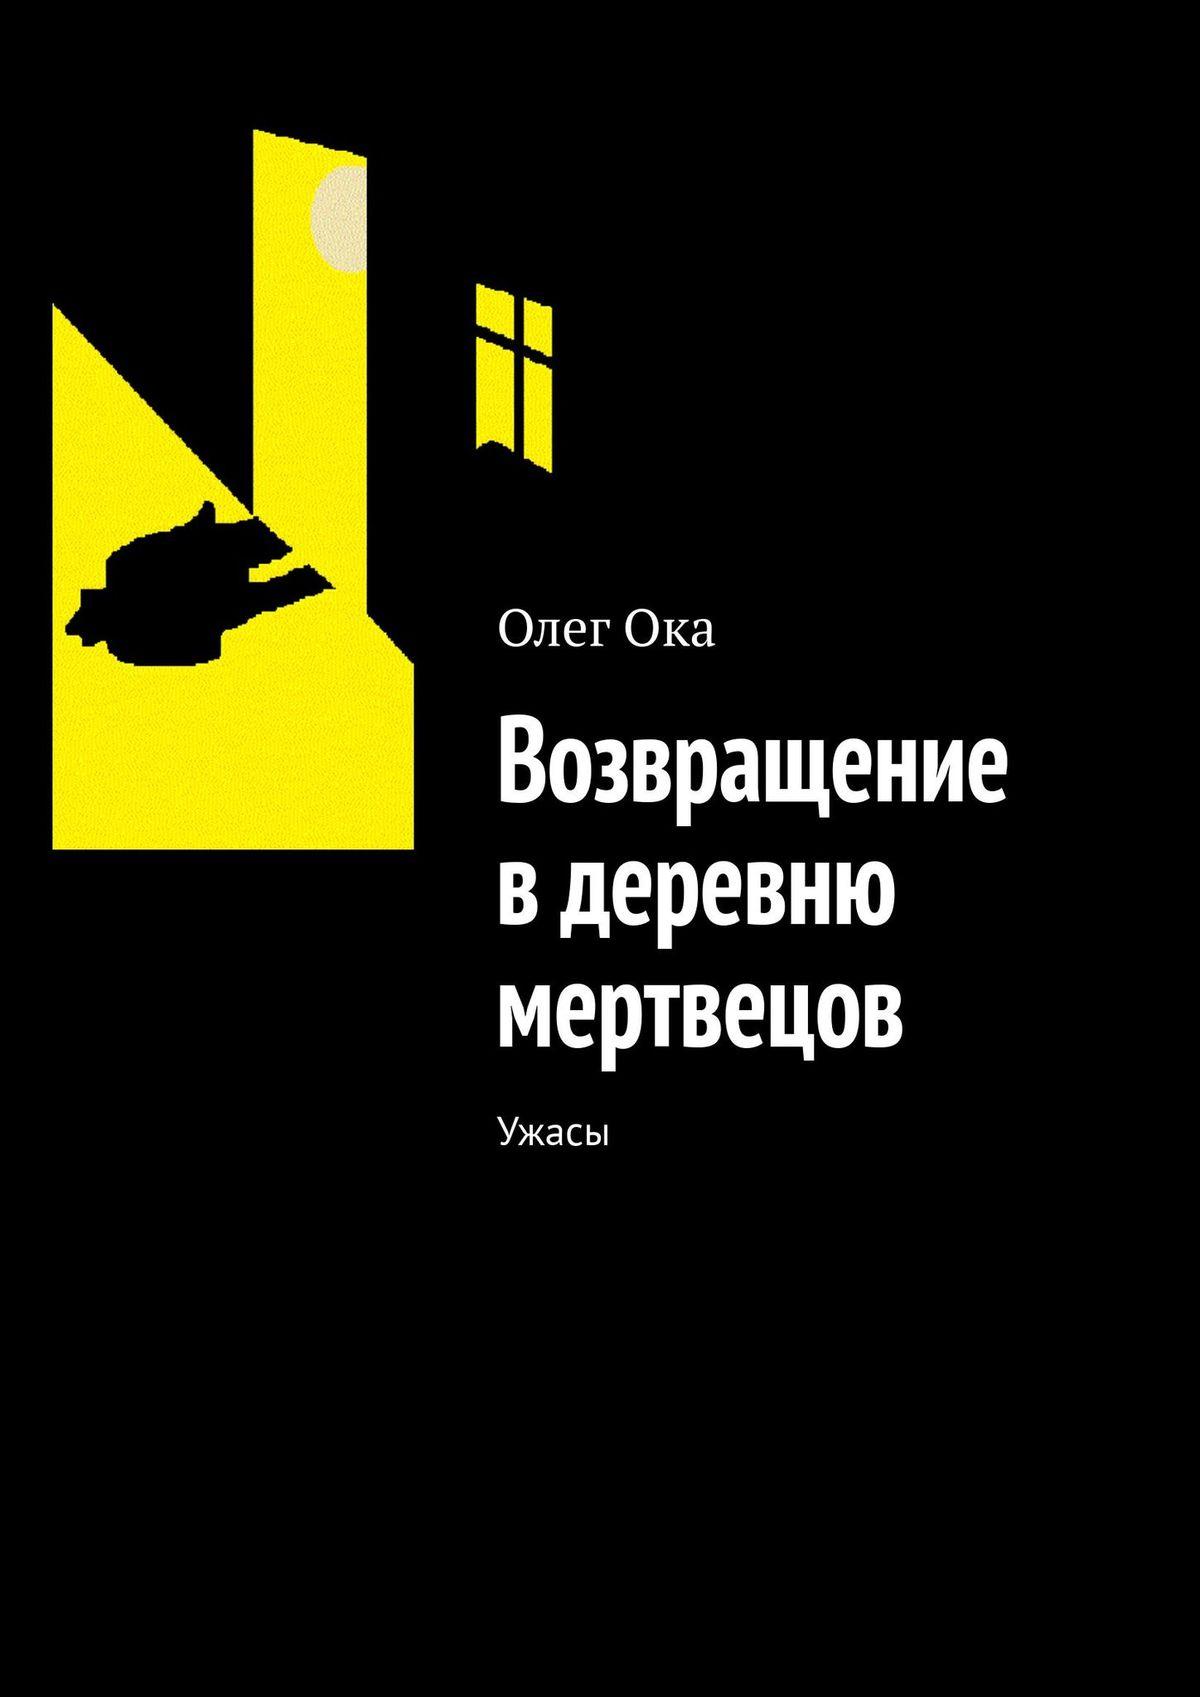 Олег Ока Возвращение в деревню мертвецов. Ужасы олег ока подчинение ипокорность